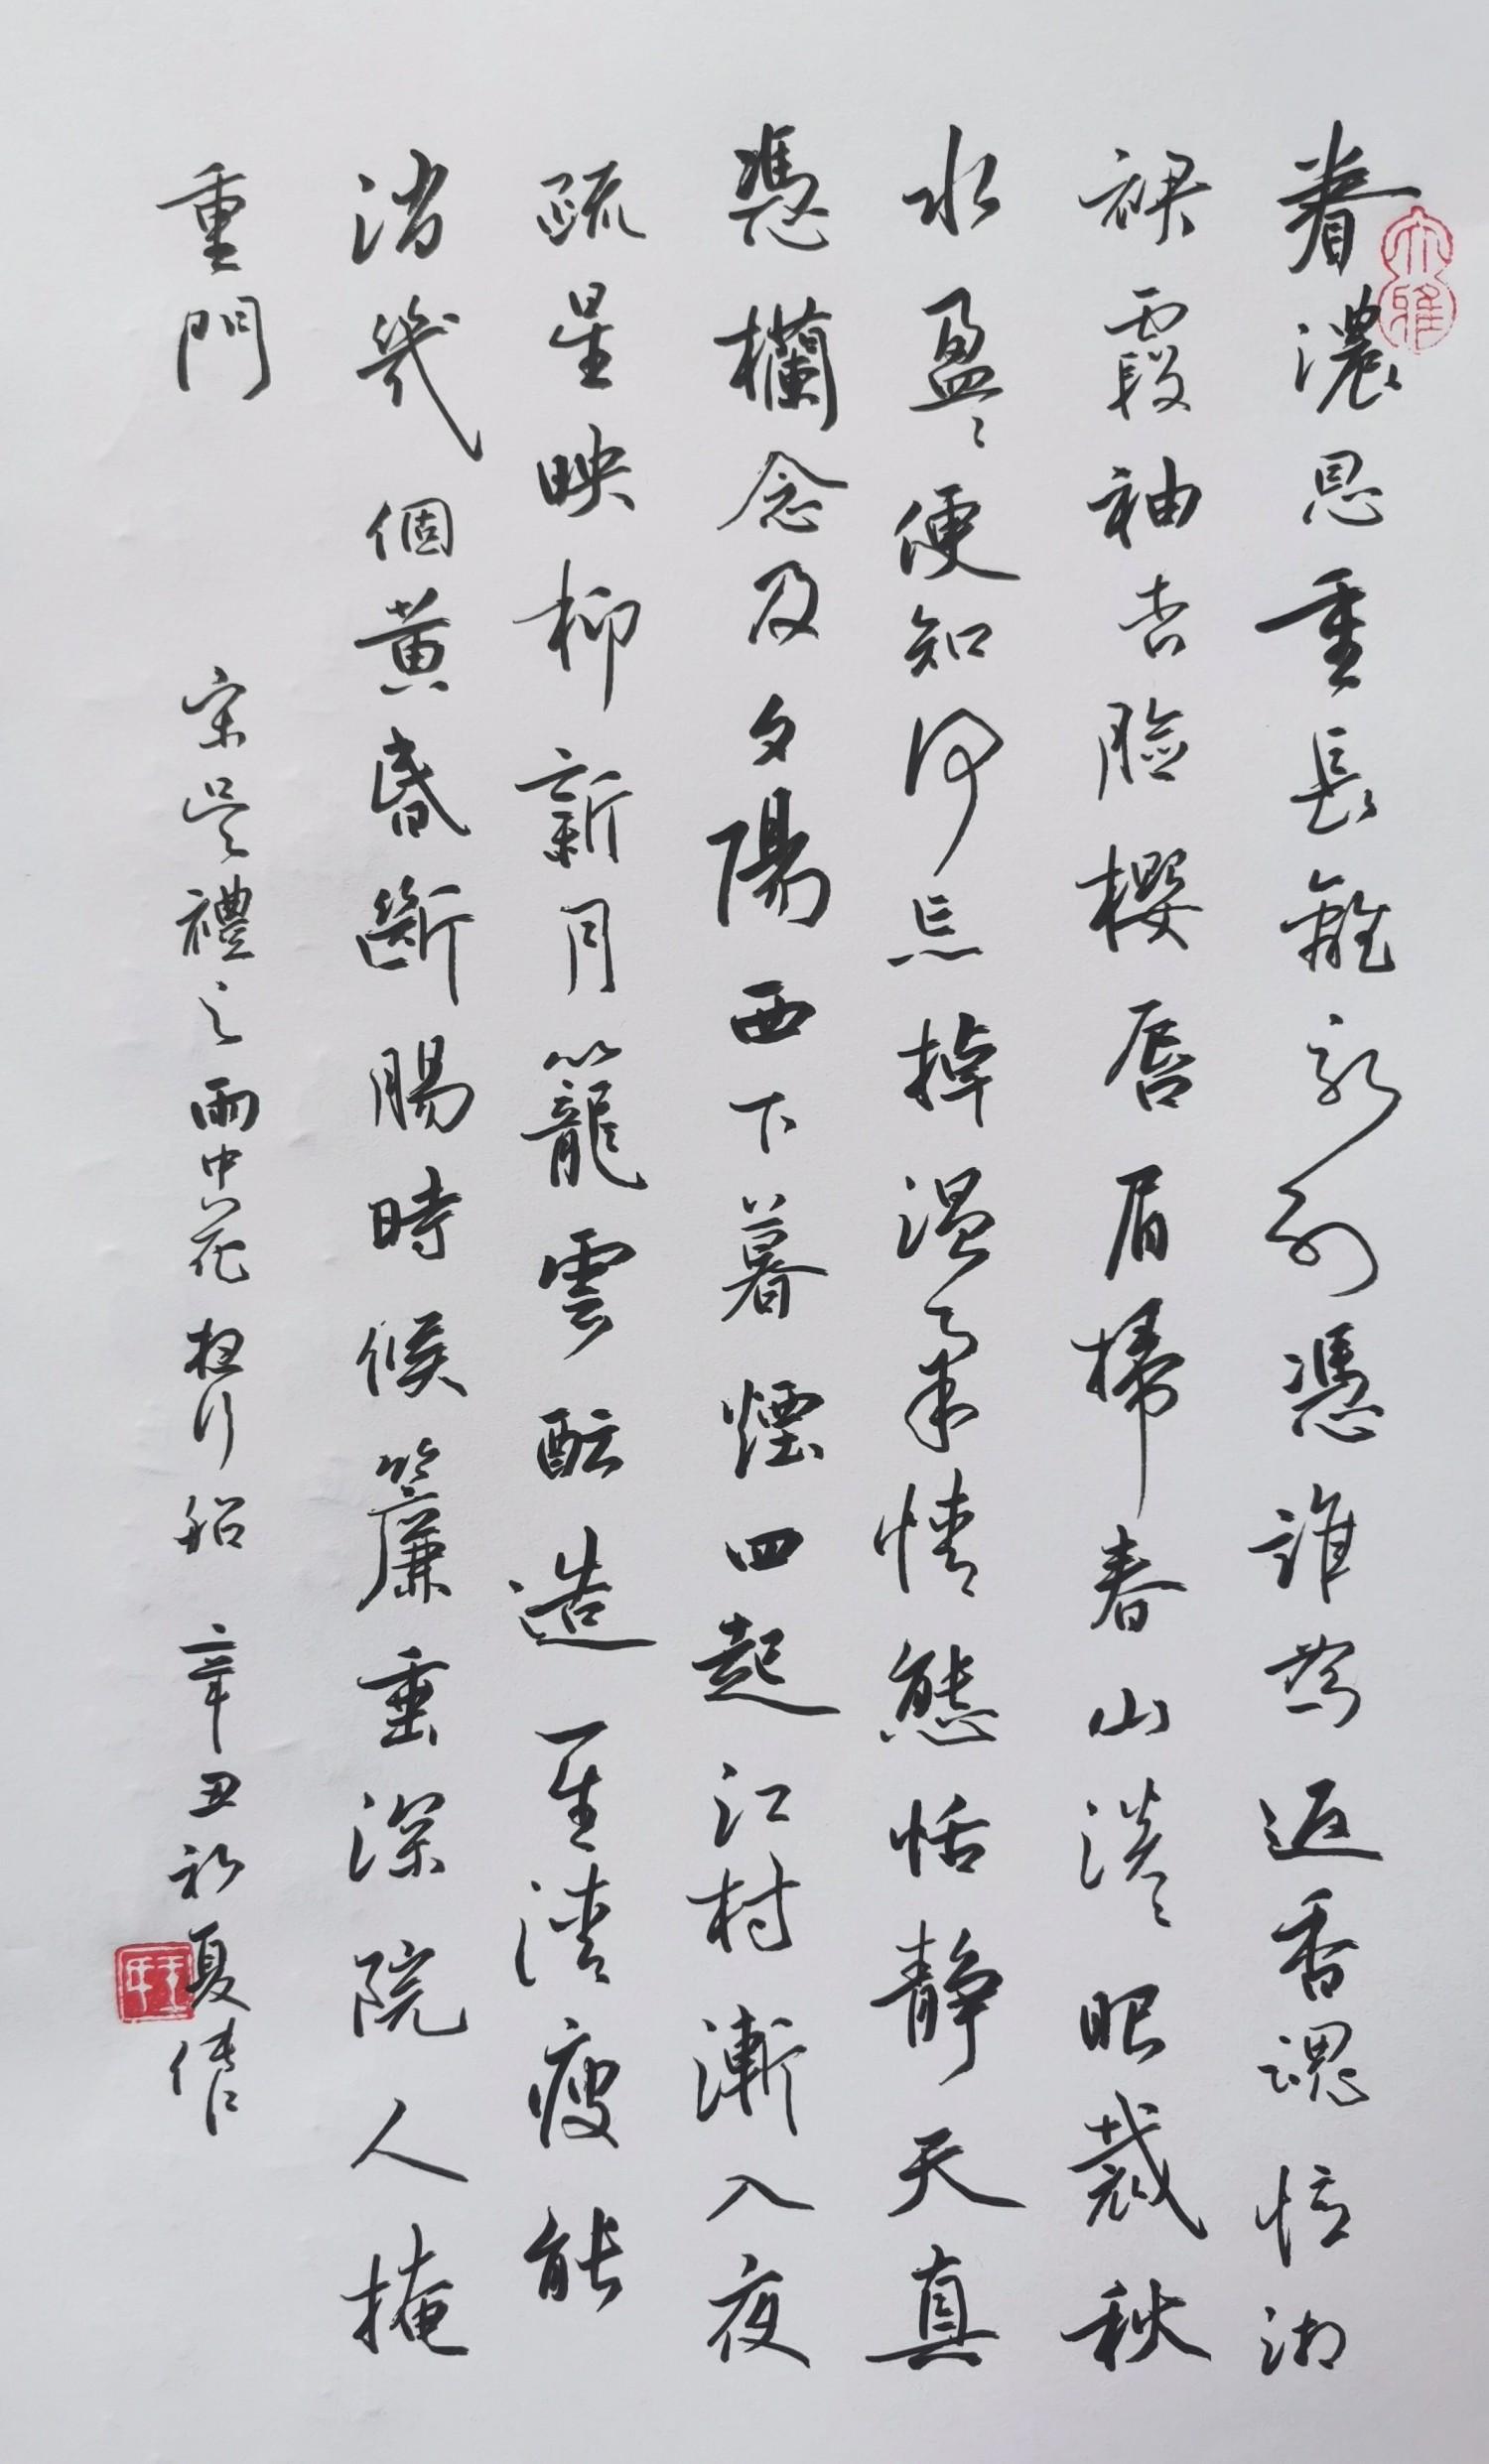 钢笔书法练字打卡20210518-30